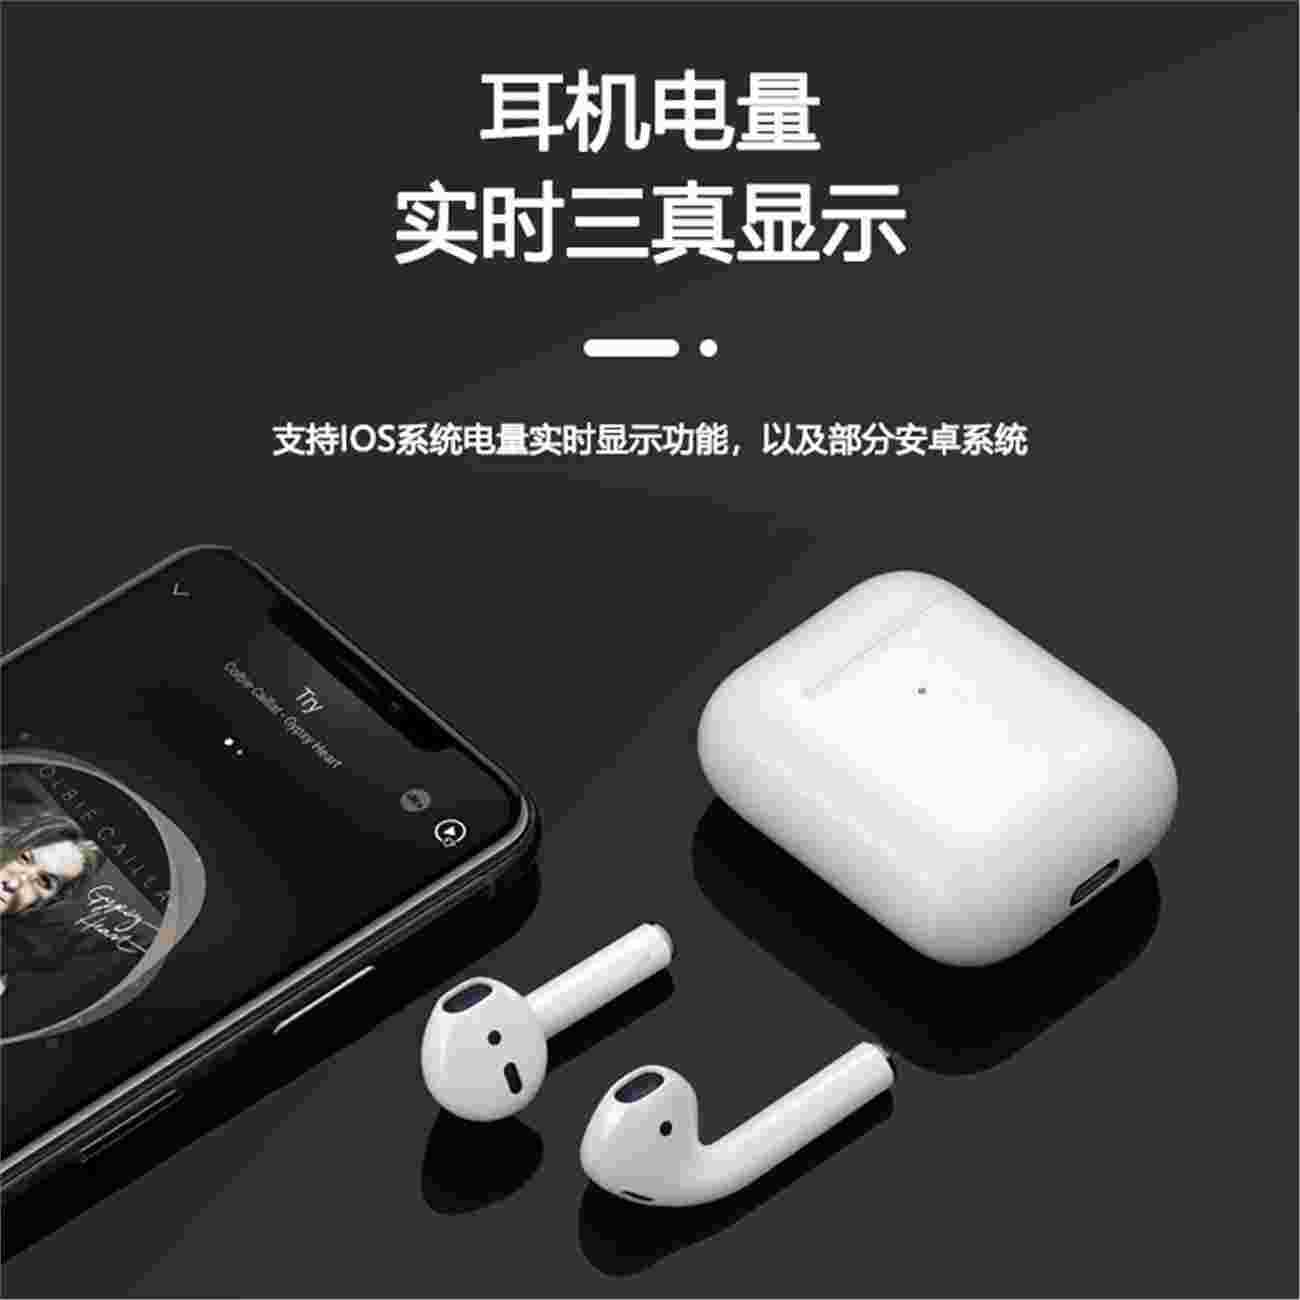 力量威8bk-J46无线蓝牙运动音乐游戏耳机